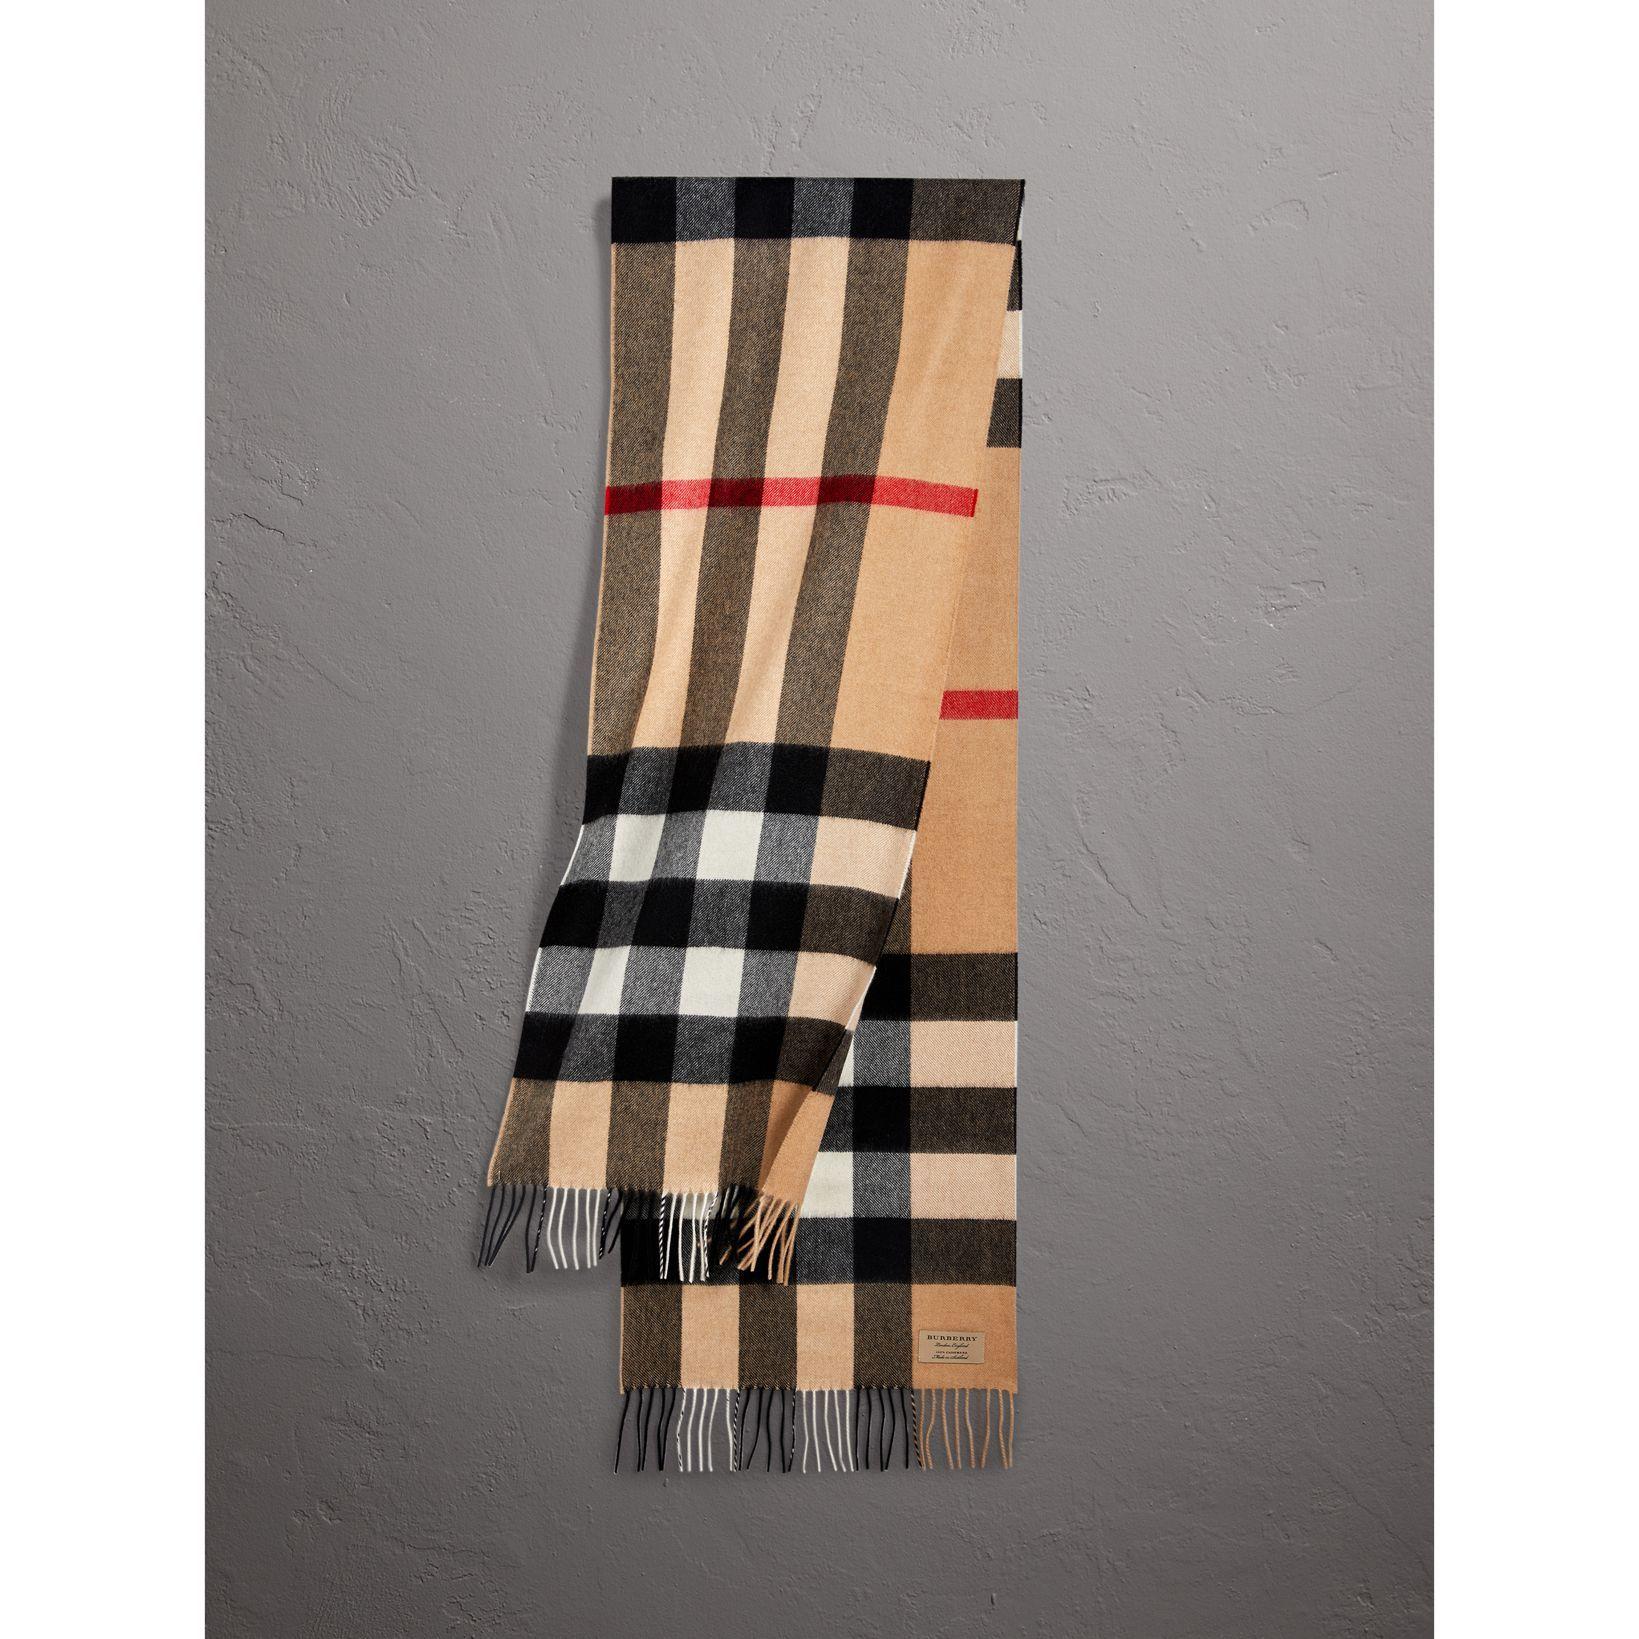 Классический шарф из кашемира в клетку (Песочный)   Burberry   Pinterest 18533e3a0bb